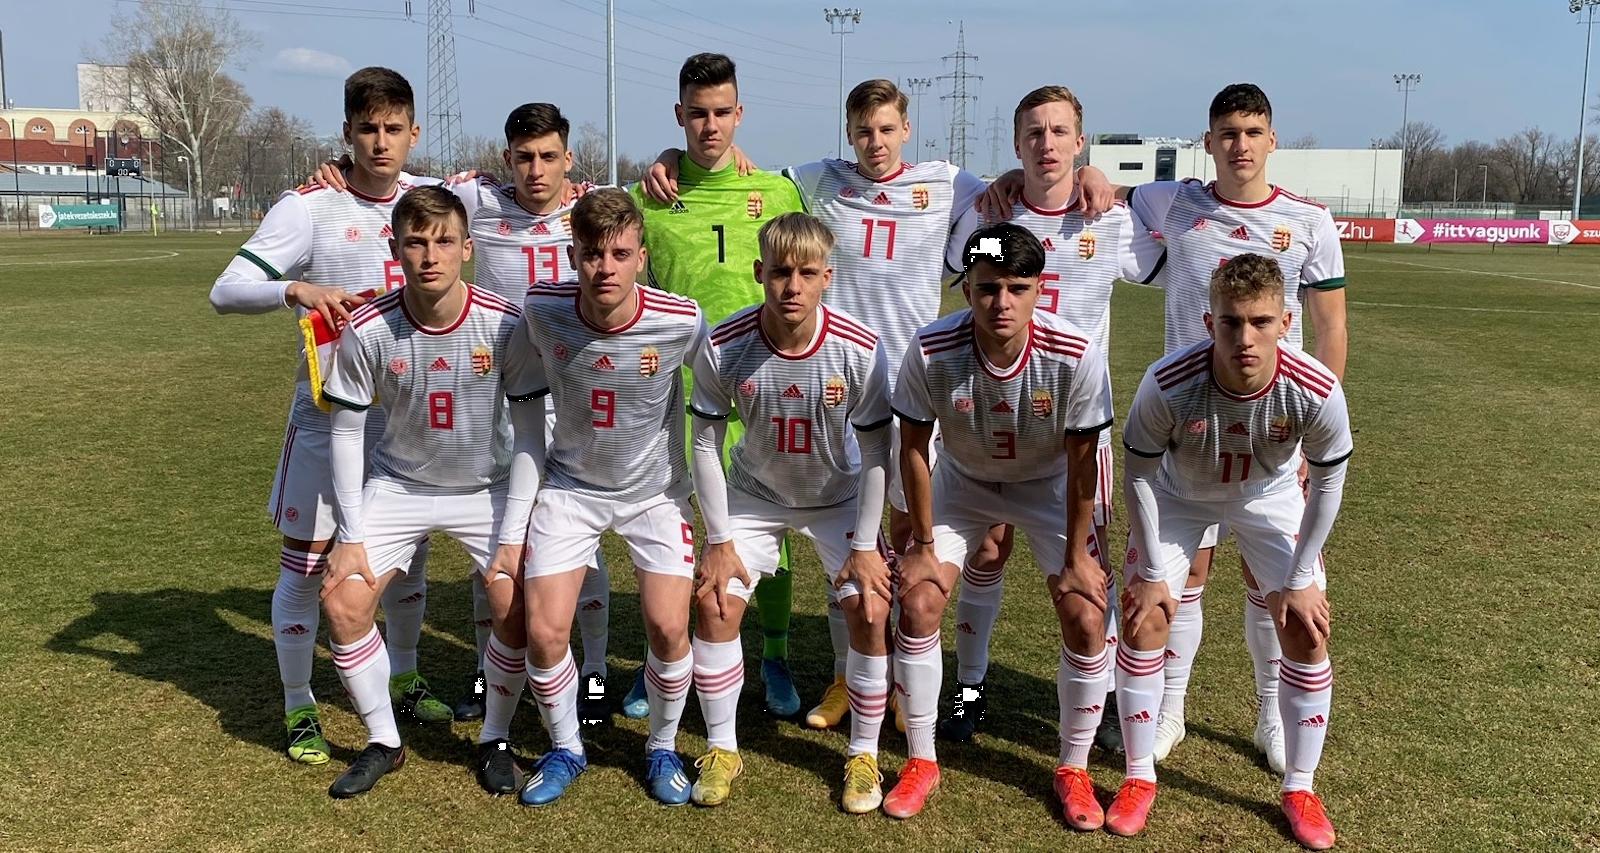 MTK-s dupla az U17-es válogatottban (videó)